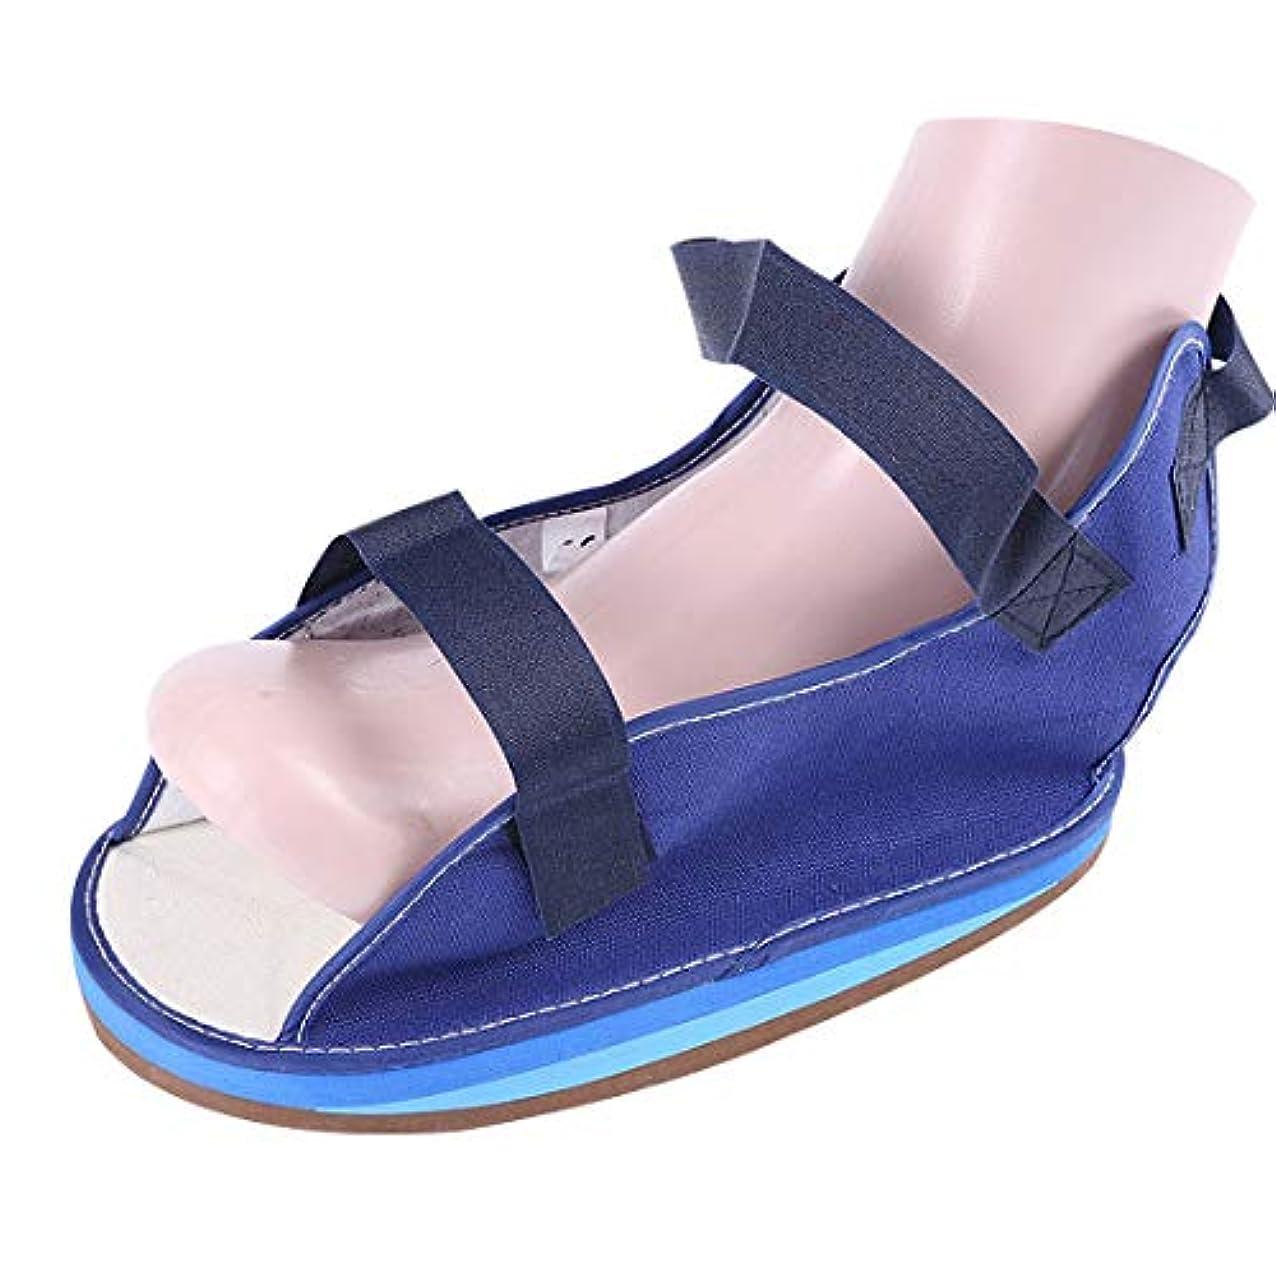 置くためにパックライフル私たちの医療足骨折石膏の回復靴の手術後のつま先の靴を安定化骨折の靴を調整可能なファスナーで完全なカバー,S22cm